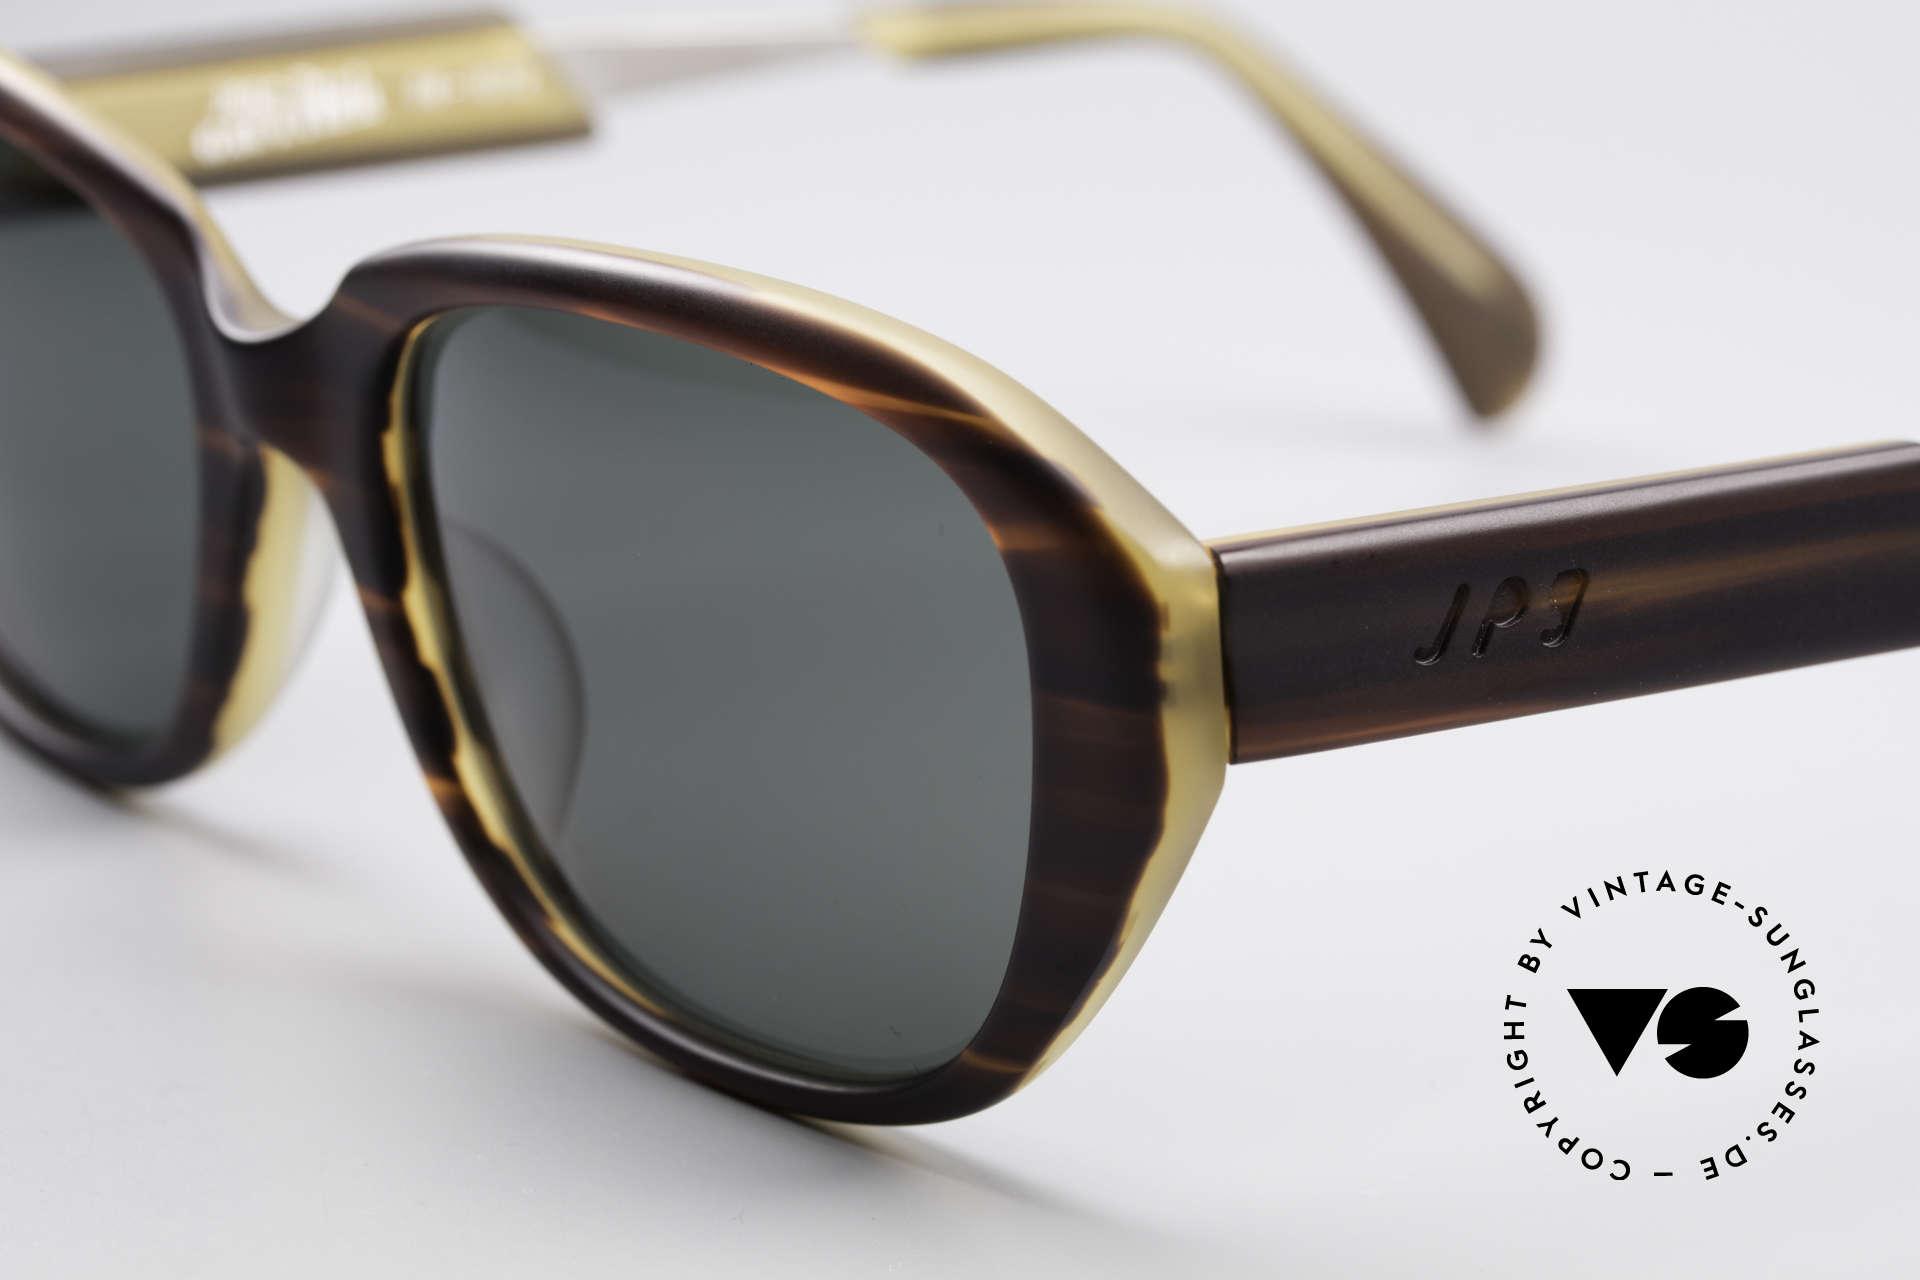 Jean Paul Gaultier 56-1072 90er Designer Sonnenbrille, ungetragen (wie alle unsere vintage Designerstücke), Passend für Herren und Damen